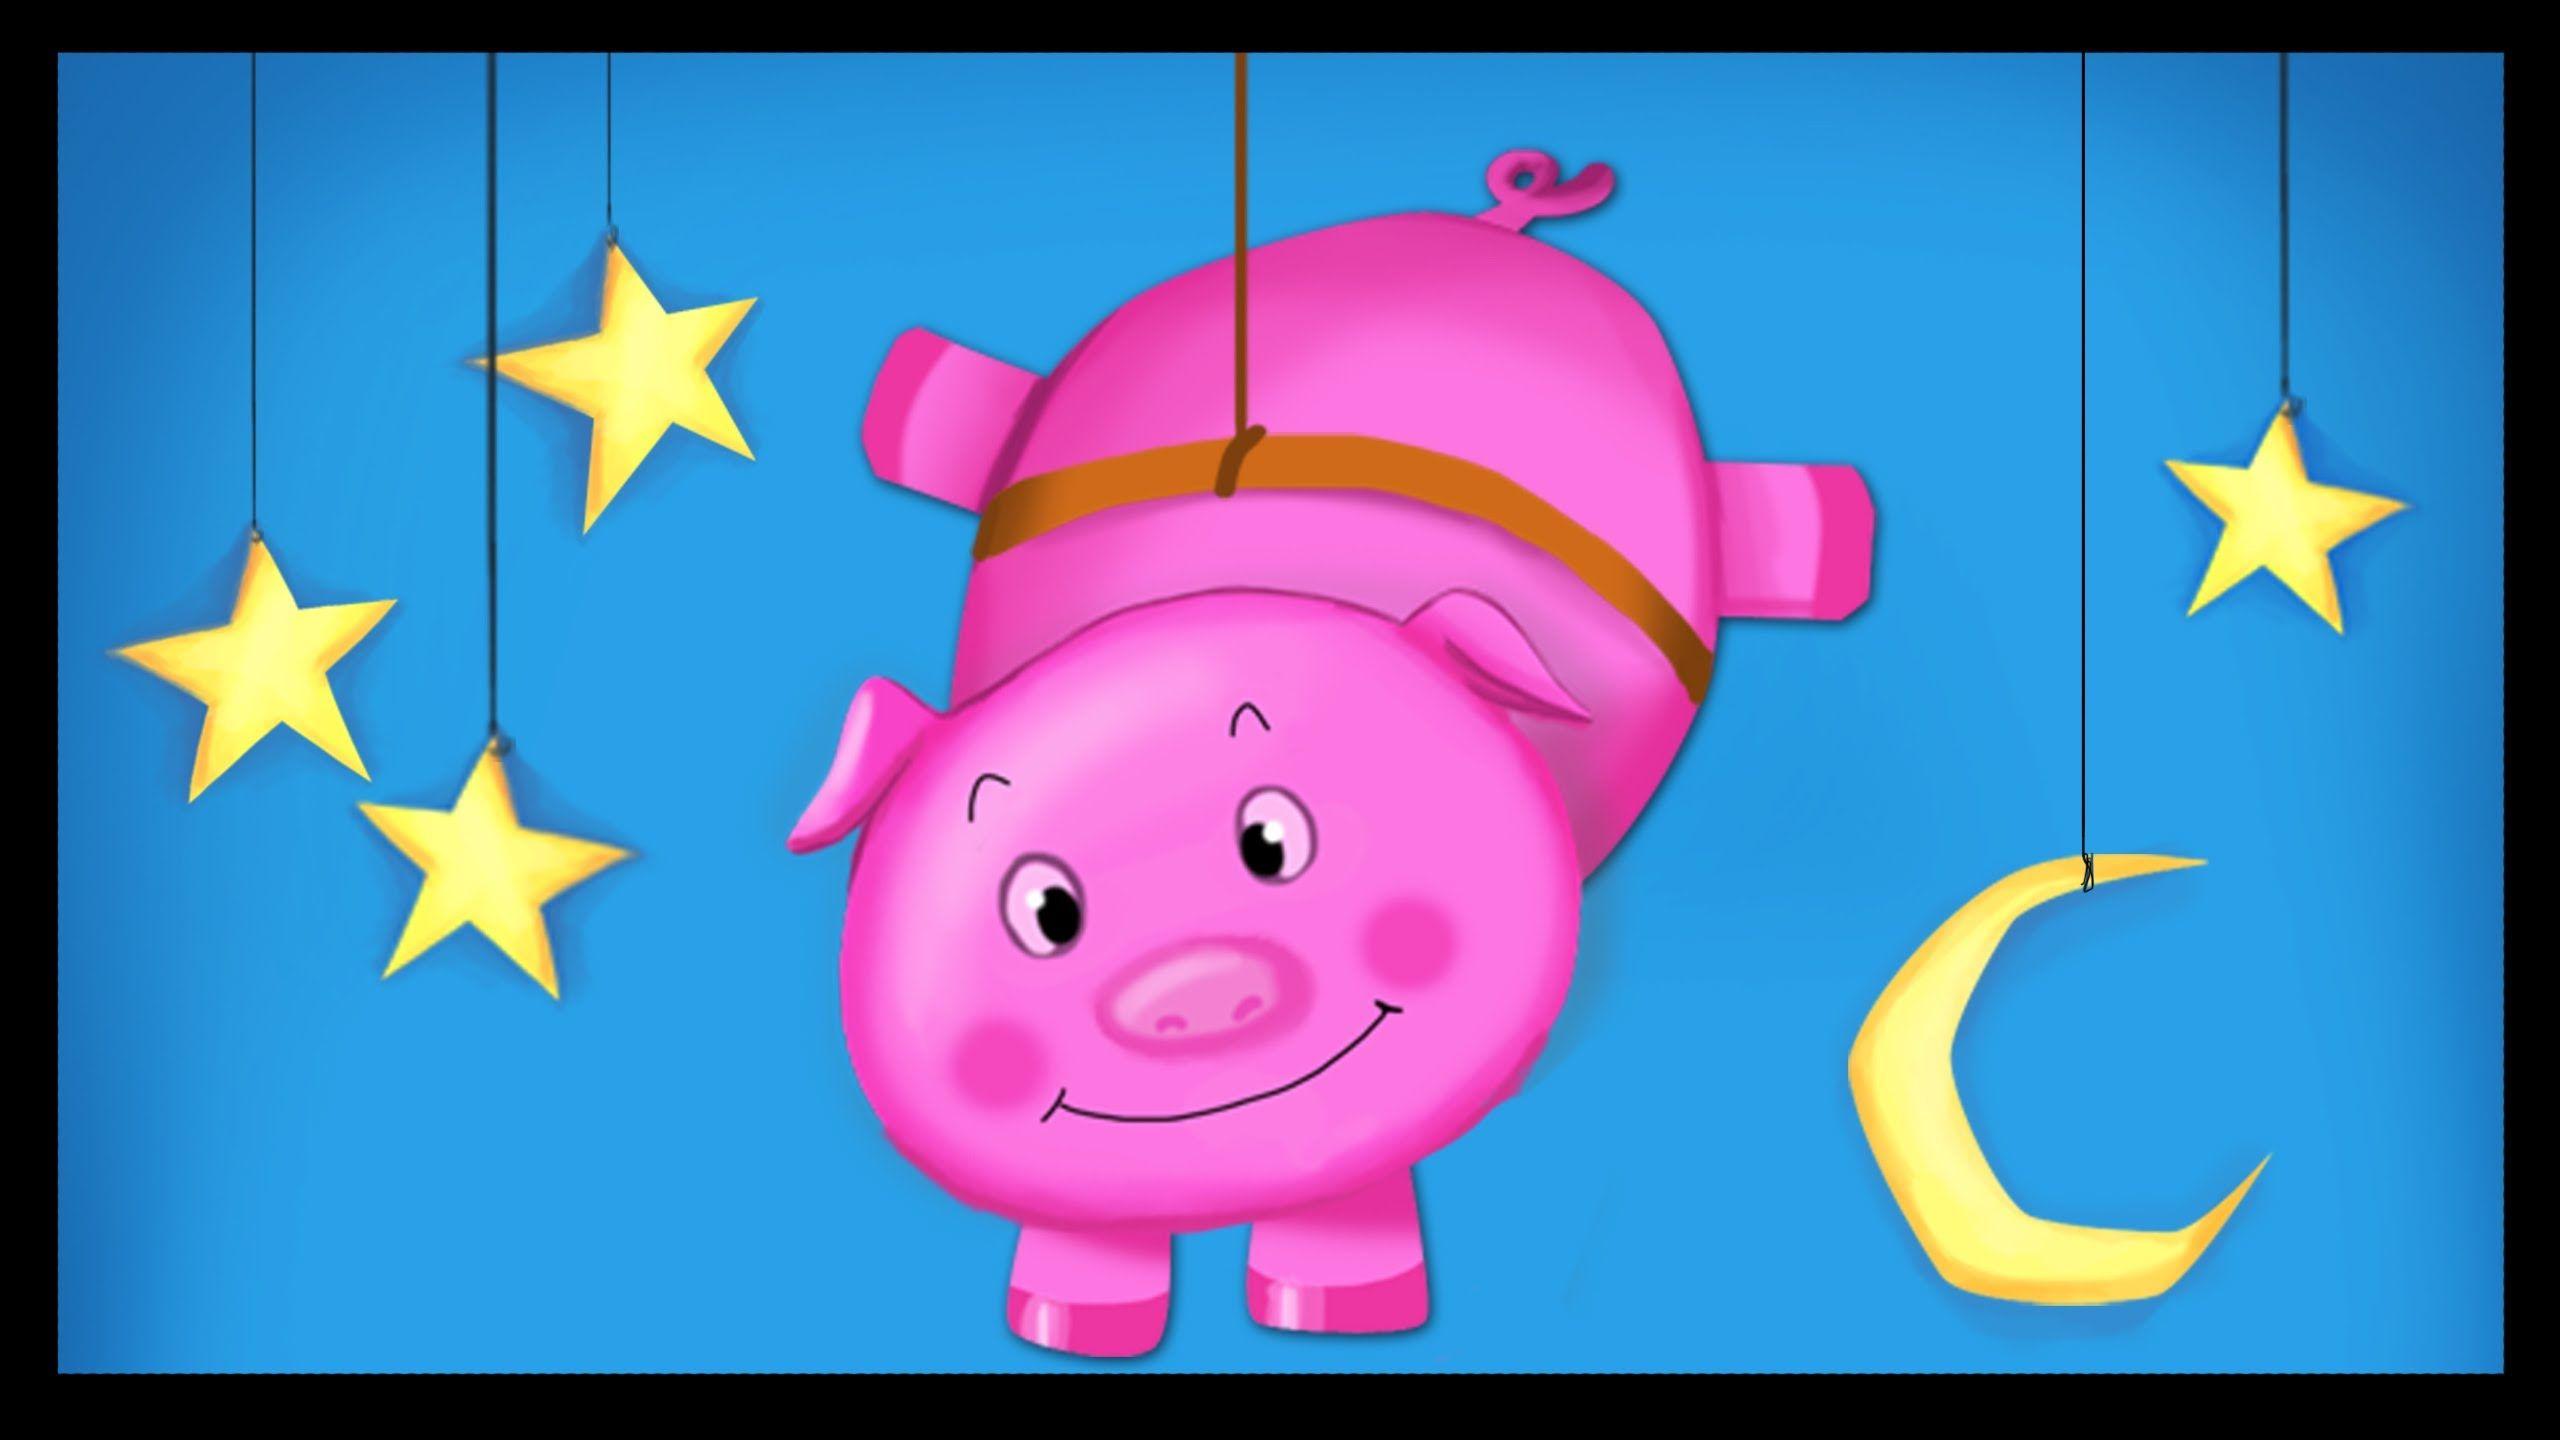 Un petit cochon pendu au plafond chanson enfant - Un petit cochon pendu au plafond ...